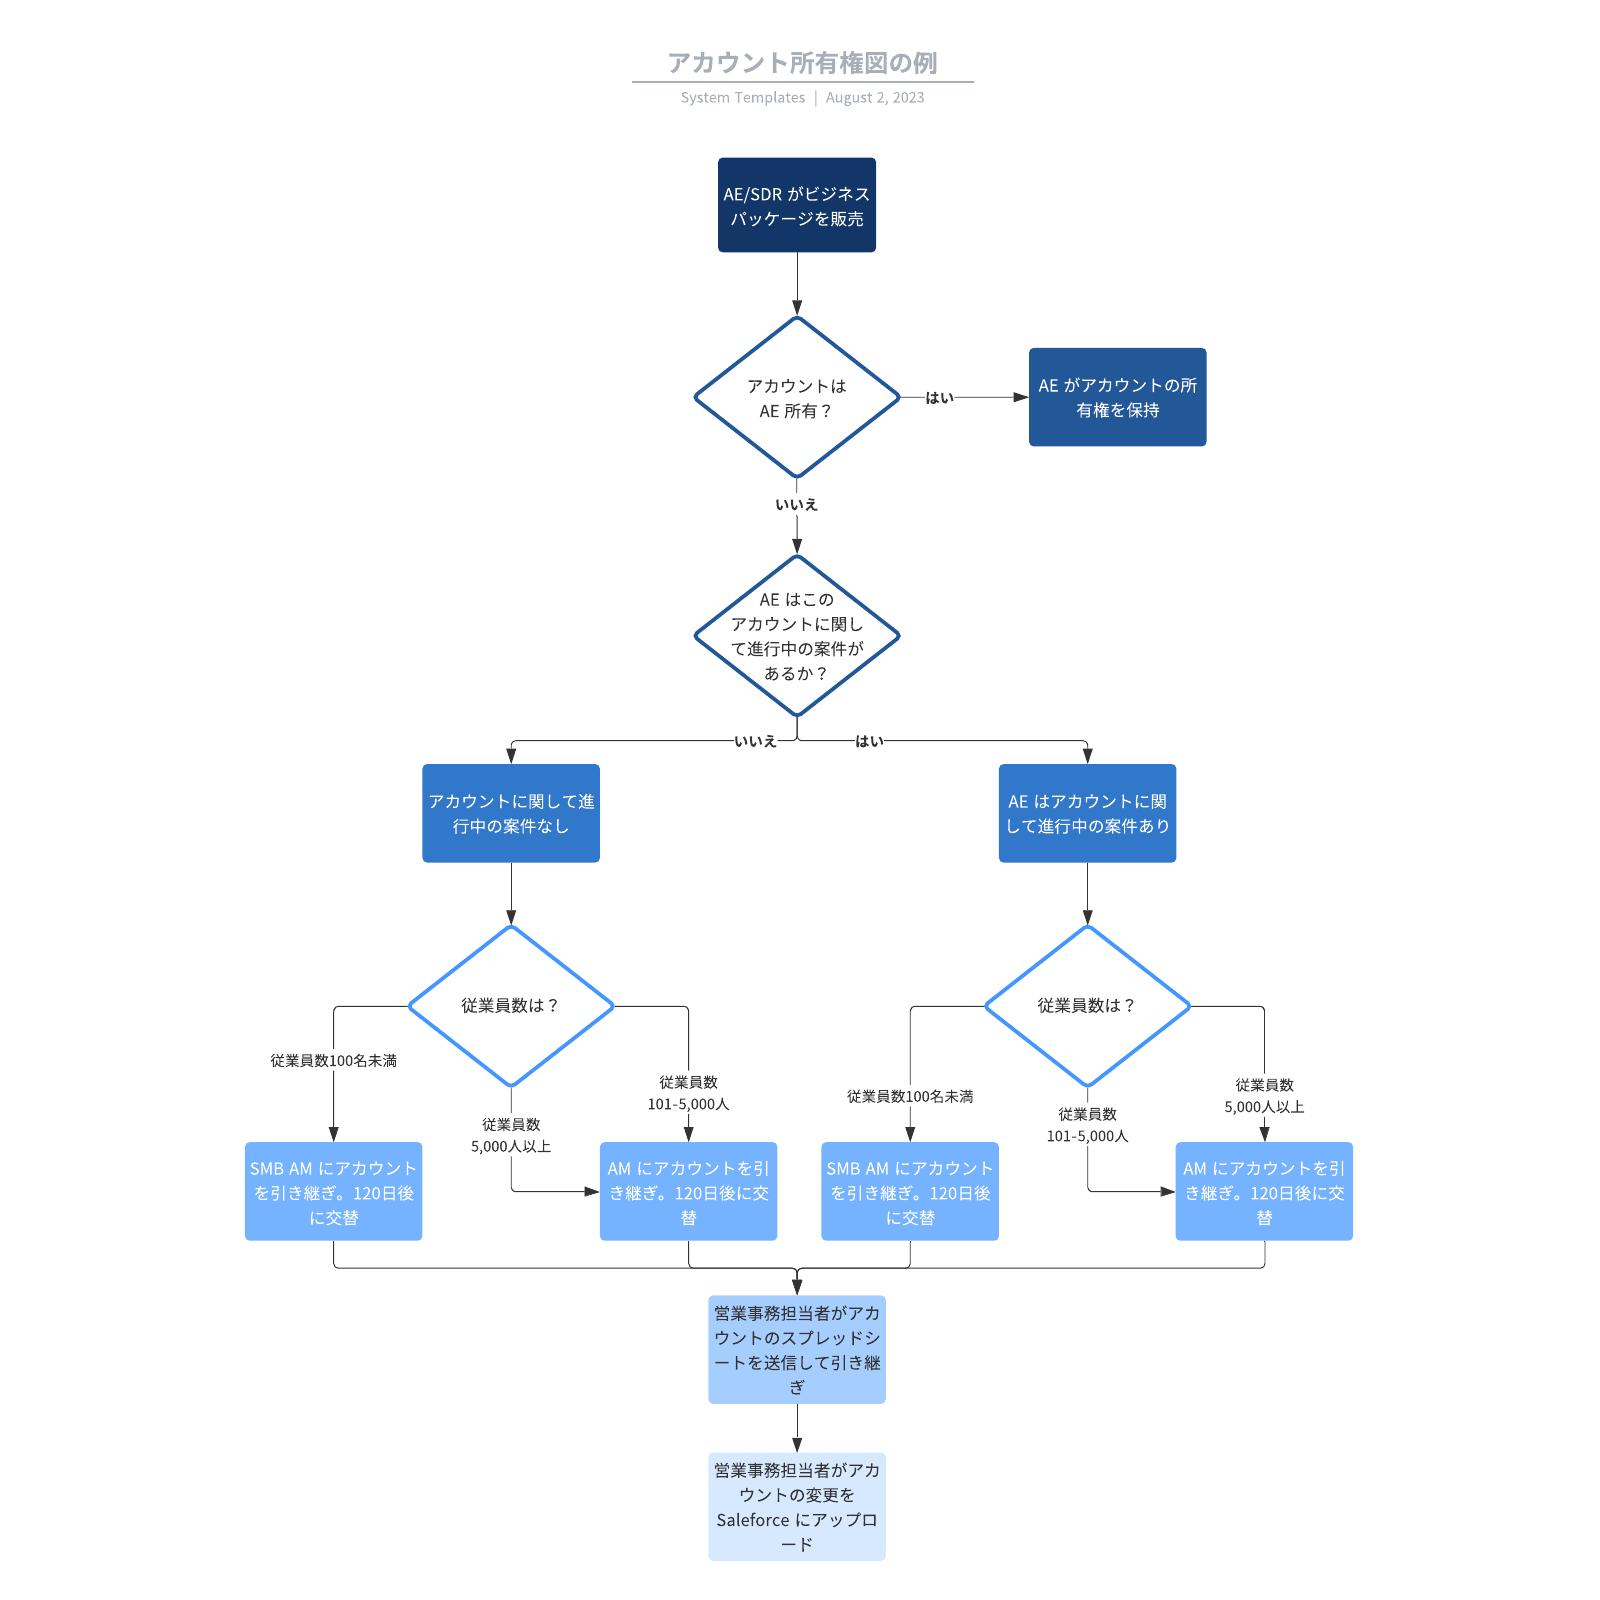 営業業務のワークフローサンプル